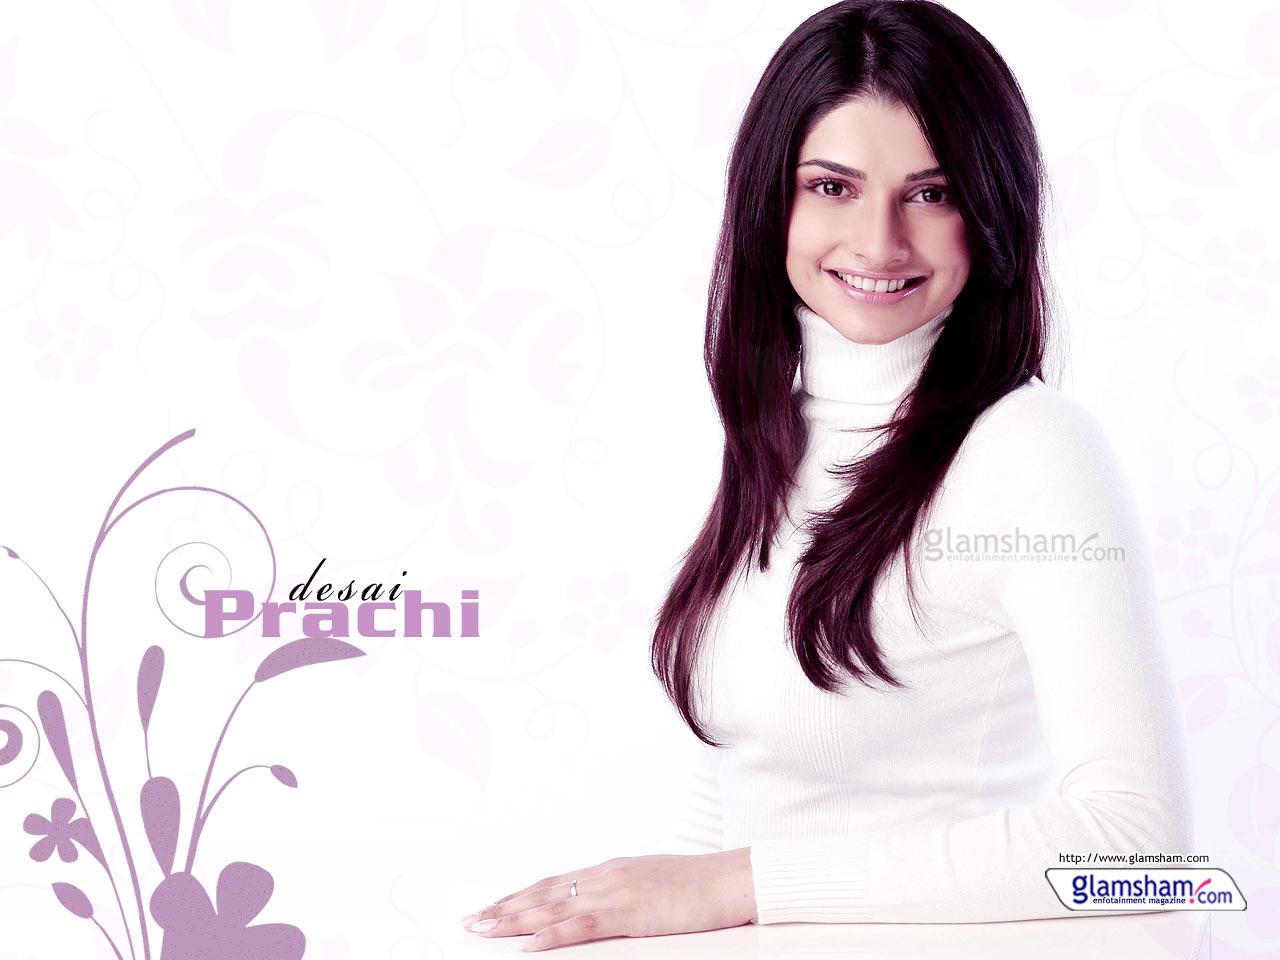 http://3.bp.blogspot.com/-ciD2MdaNbQk/Tg6j3Vj-6yI/AAAAAAAABMk/uwVMf0O6y-k/s1600/Prachi-Desai-hd-wallpapers-white.jpg